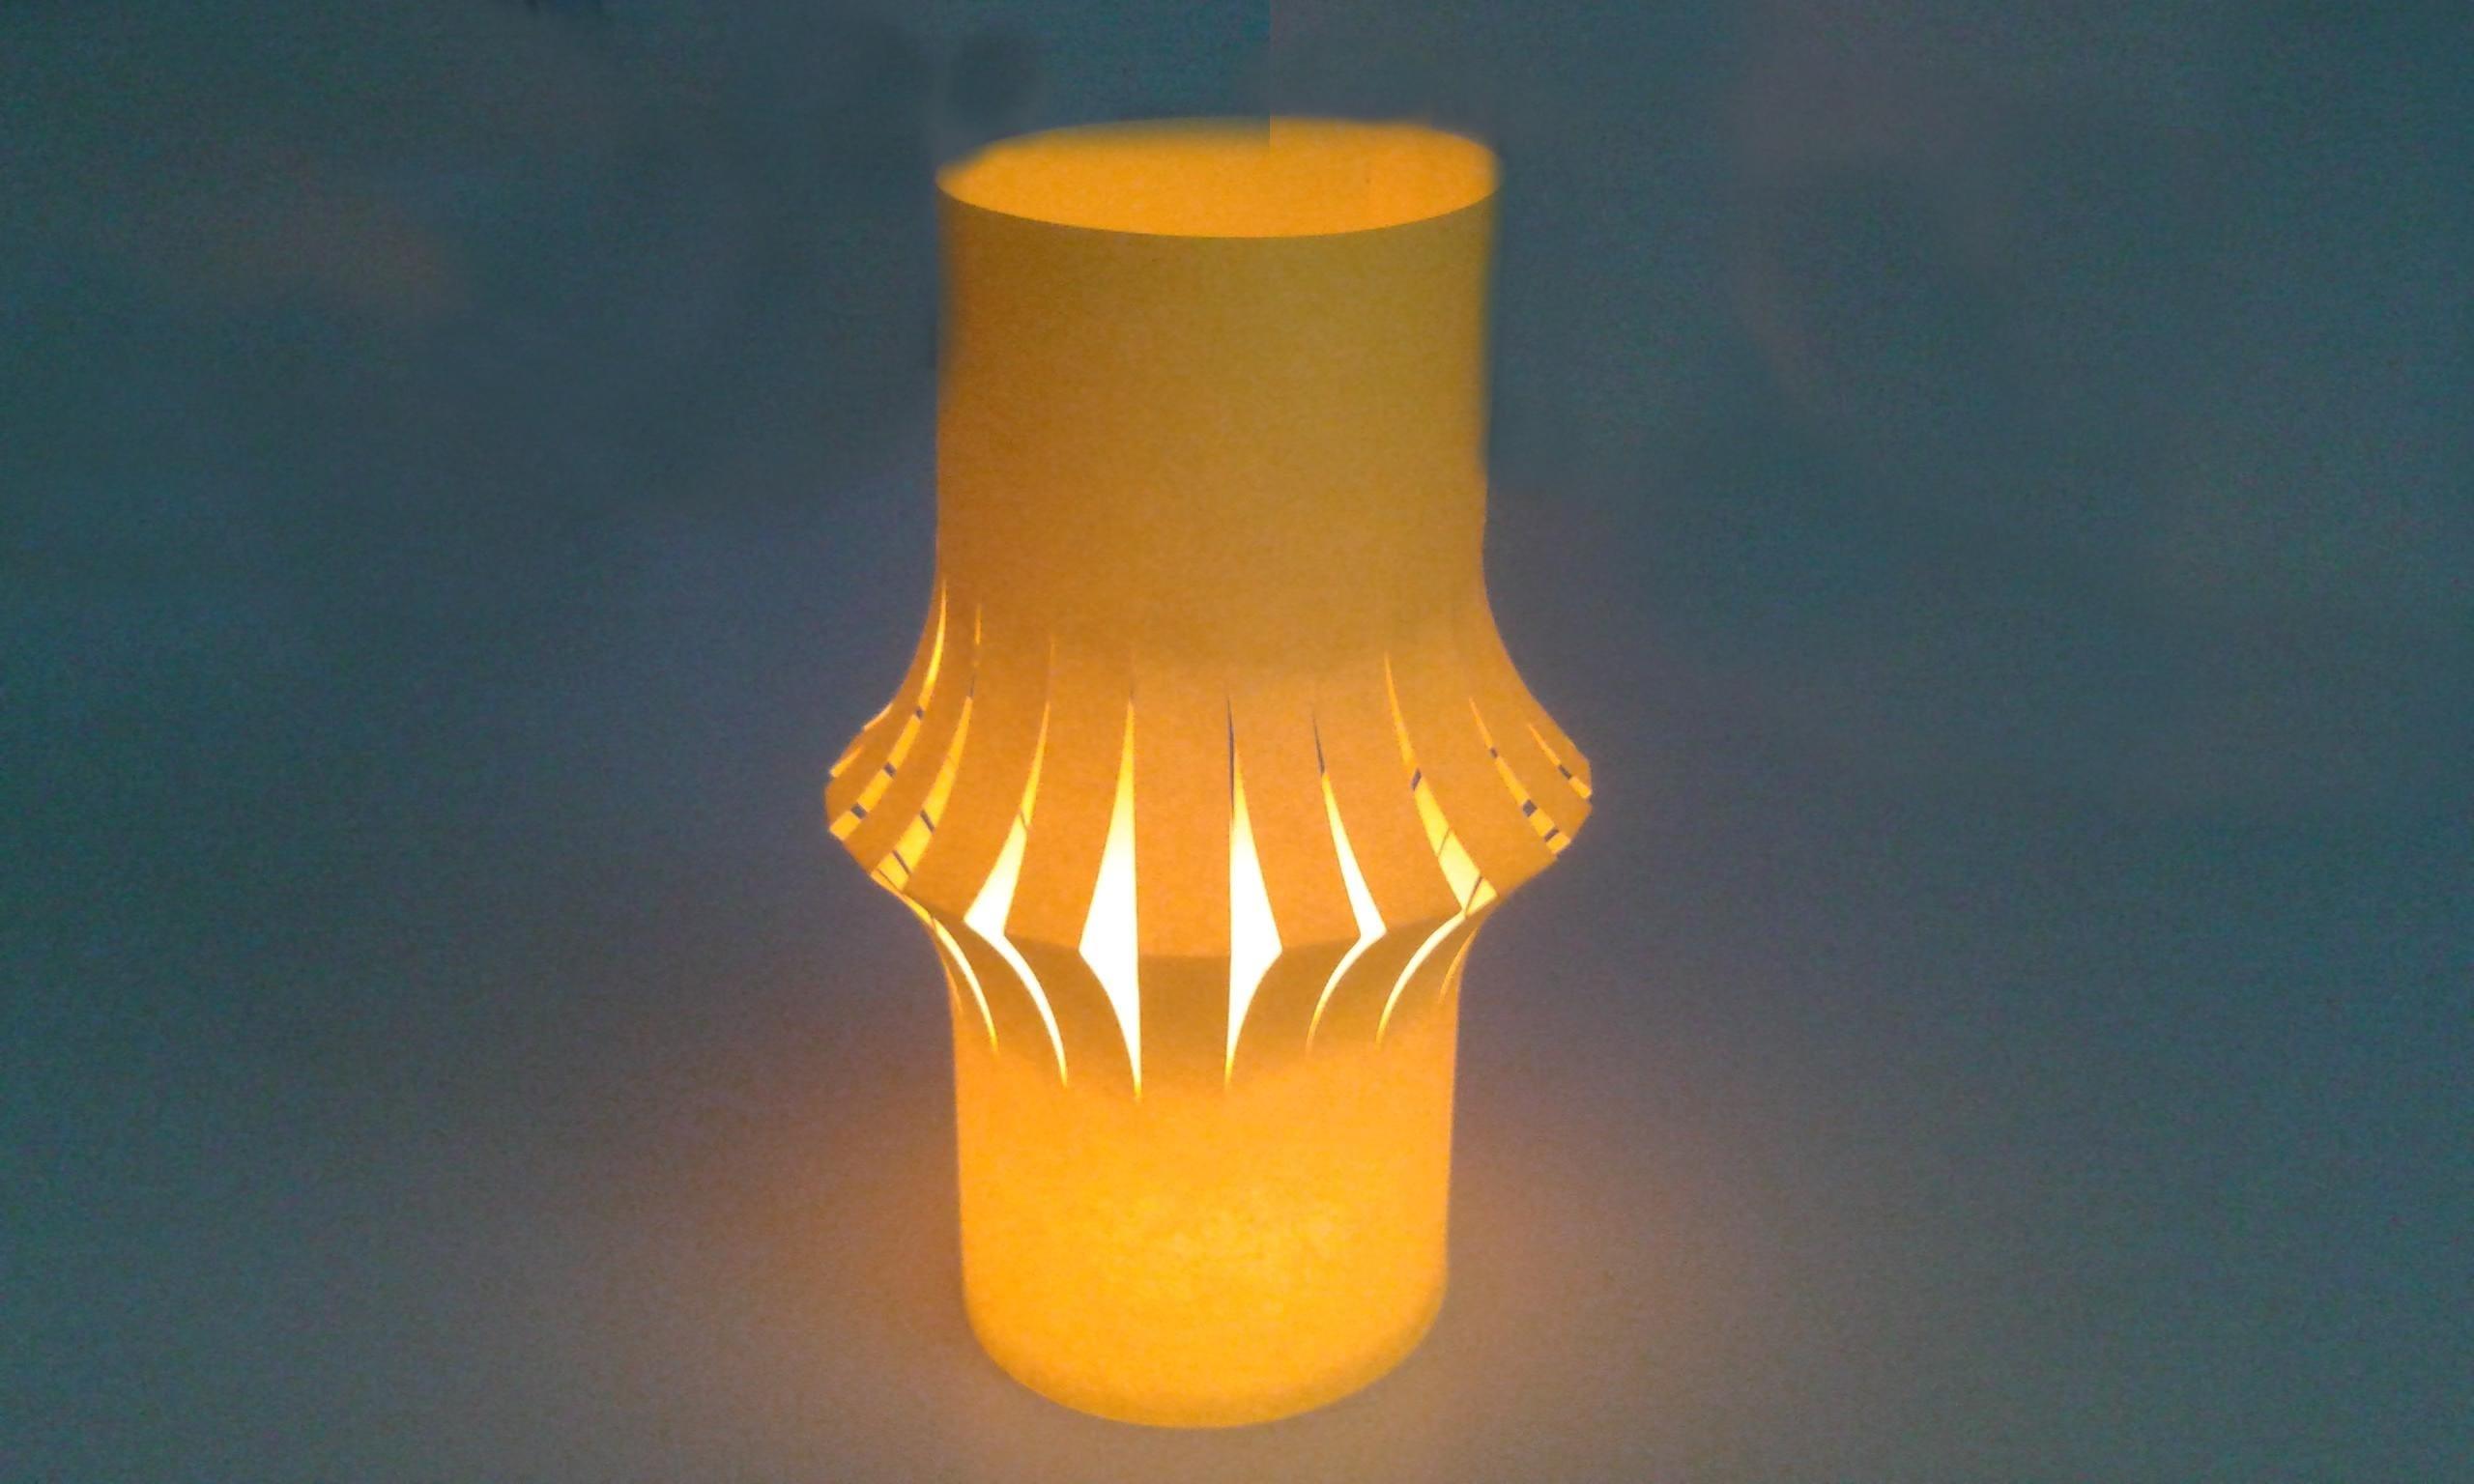 windlichter als schöne tischdeko selber basteln – diy lampion selbst